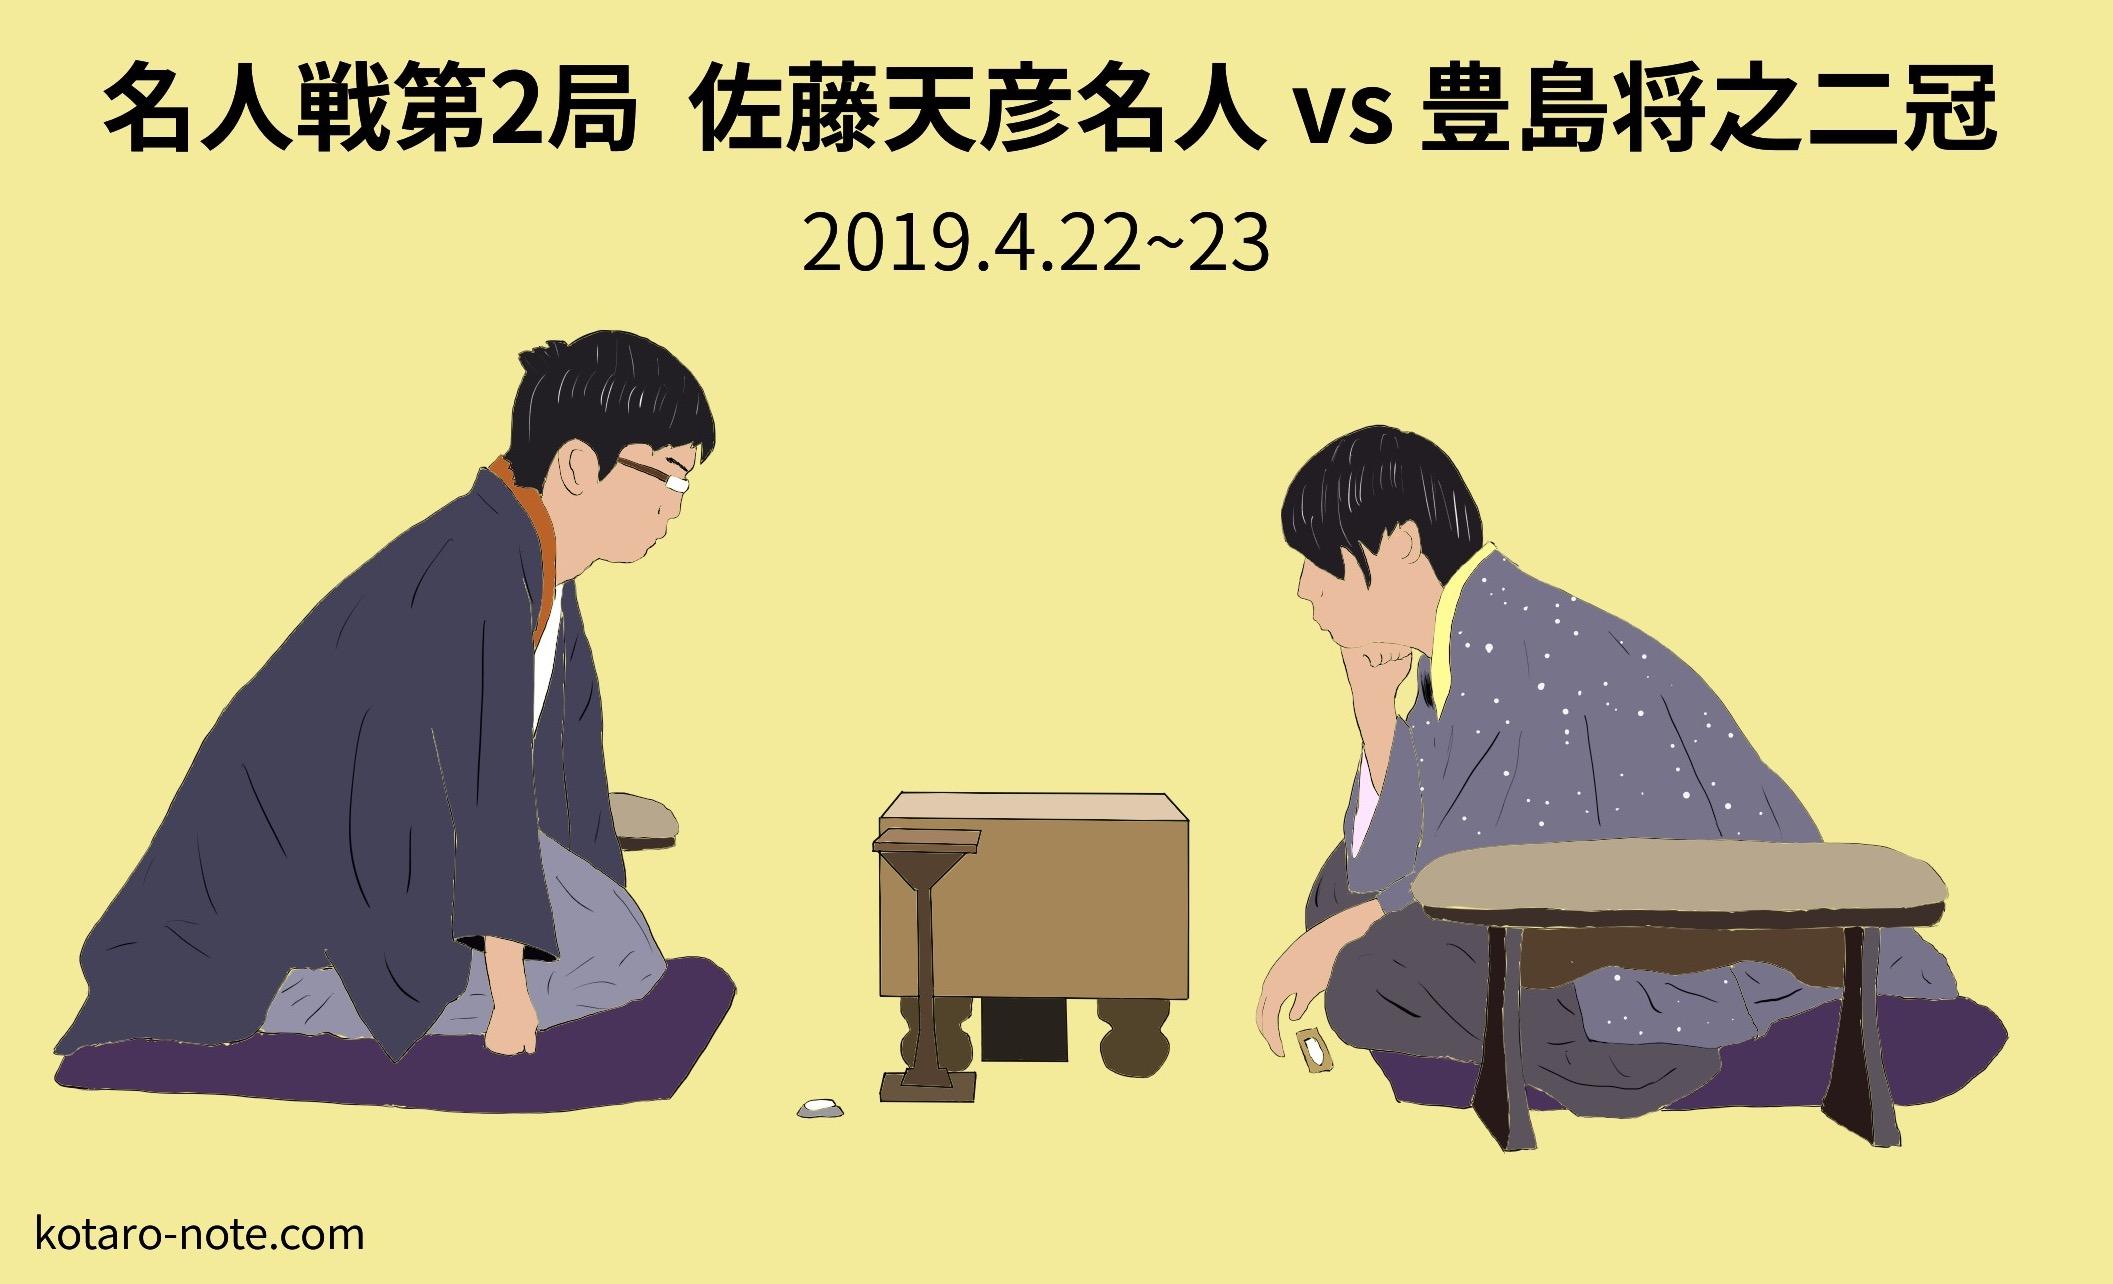 佐藤天彦名人vs豊島将之二冠、名人戦第2局